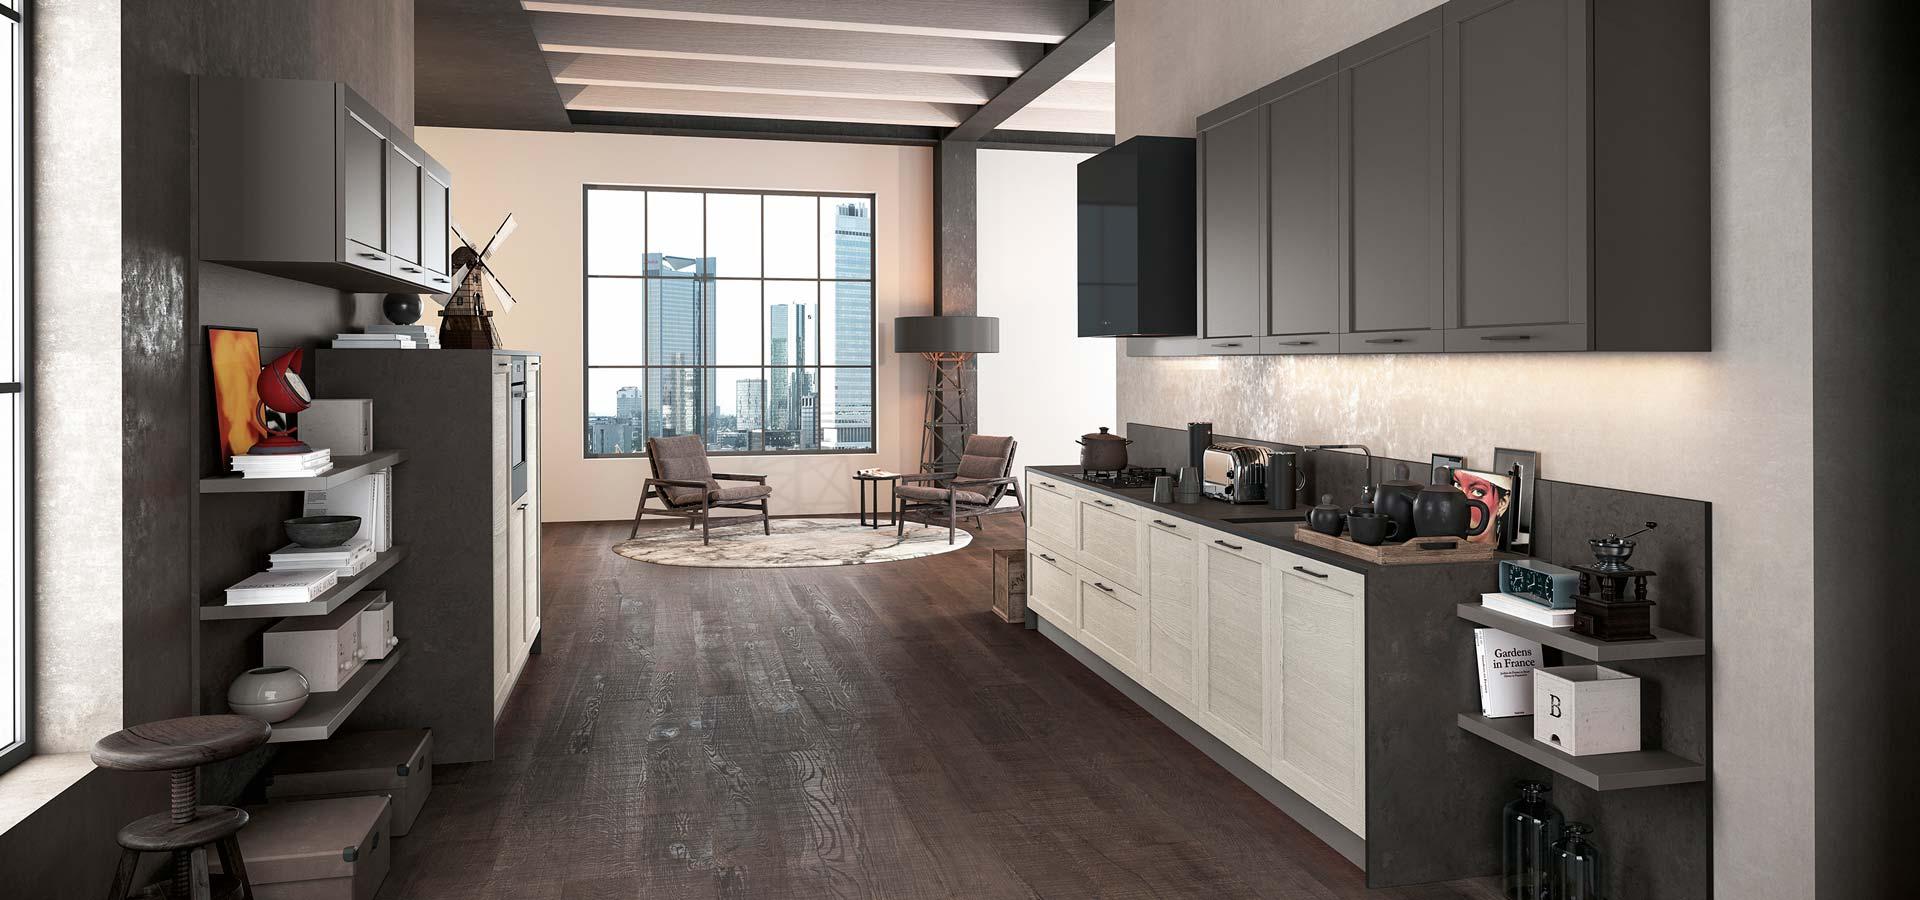 Una cucina in legno di color avorio e grigio scuro